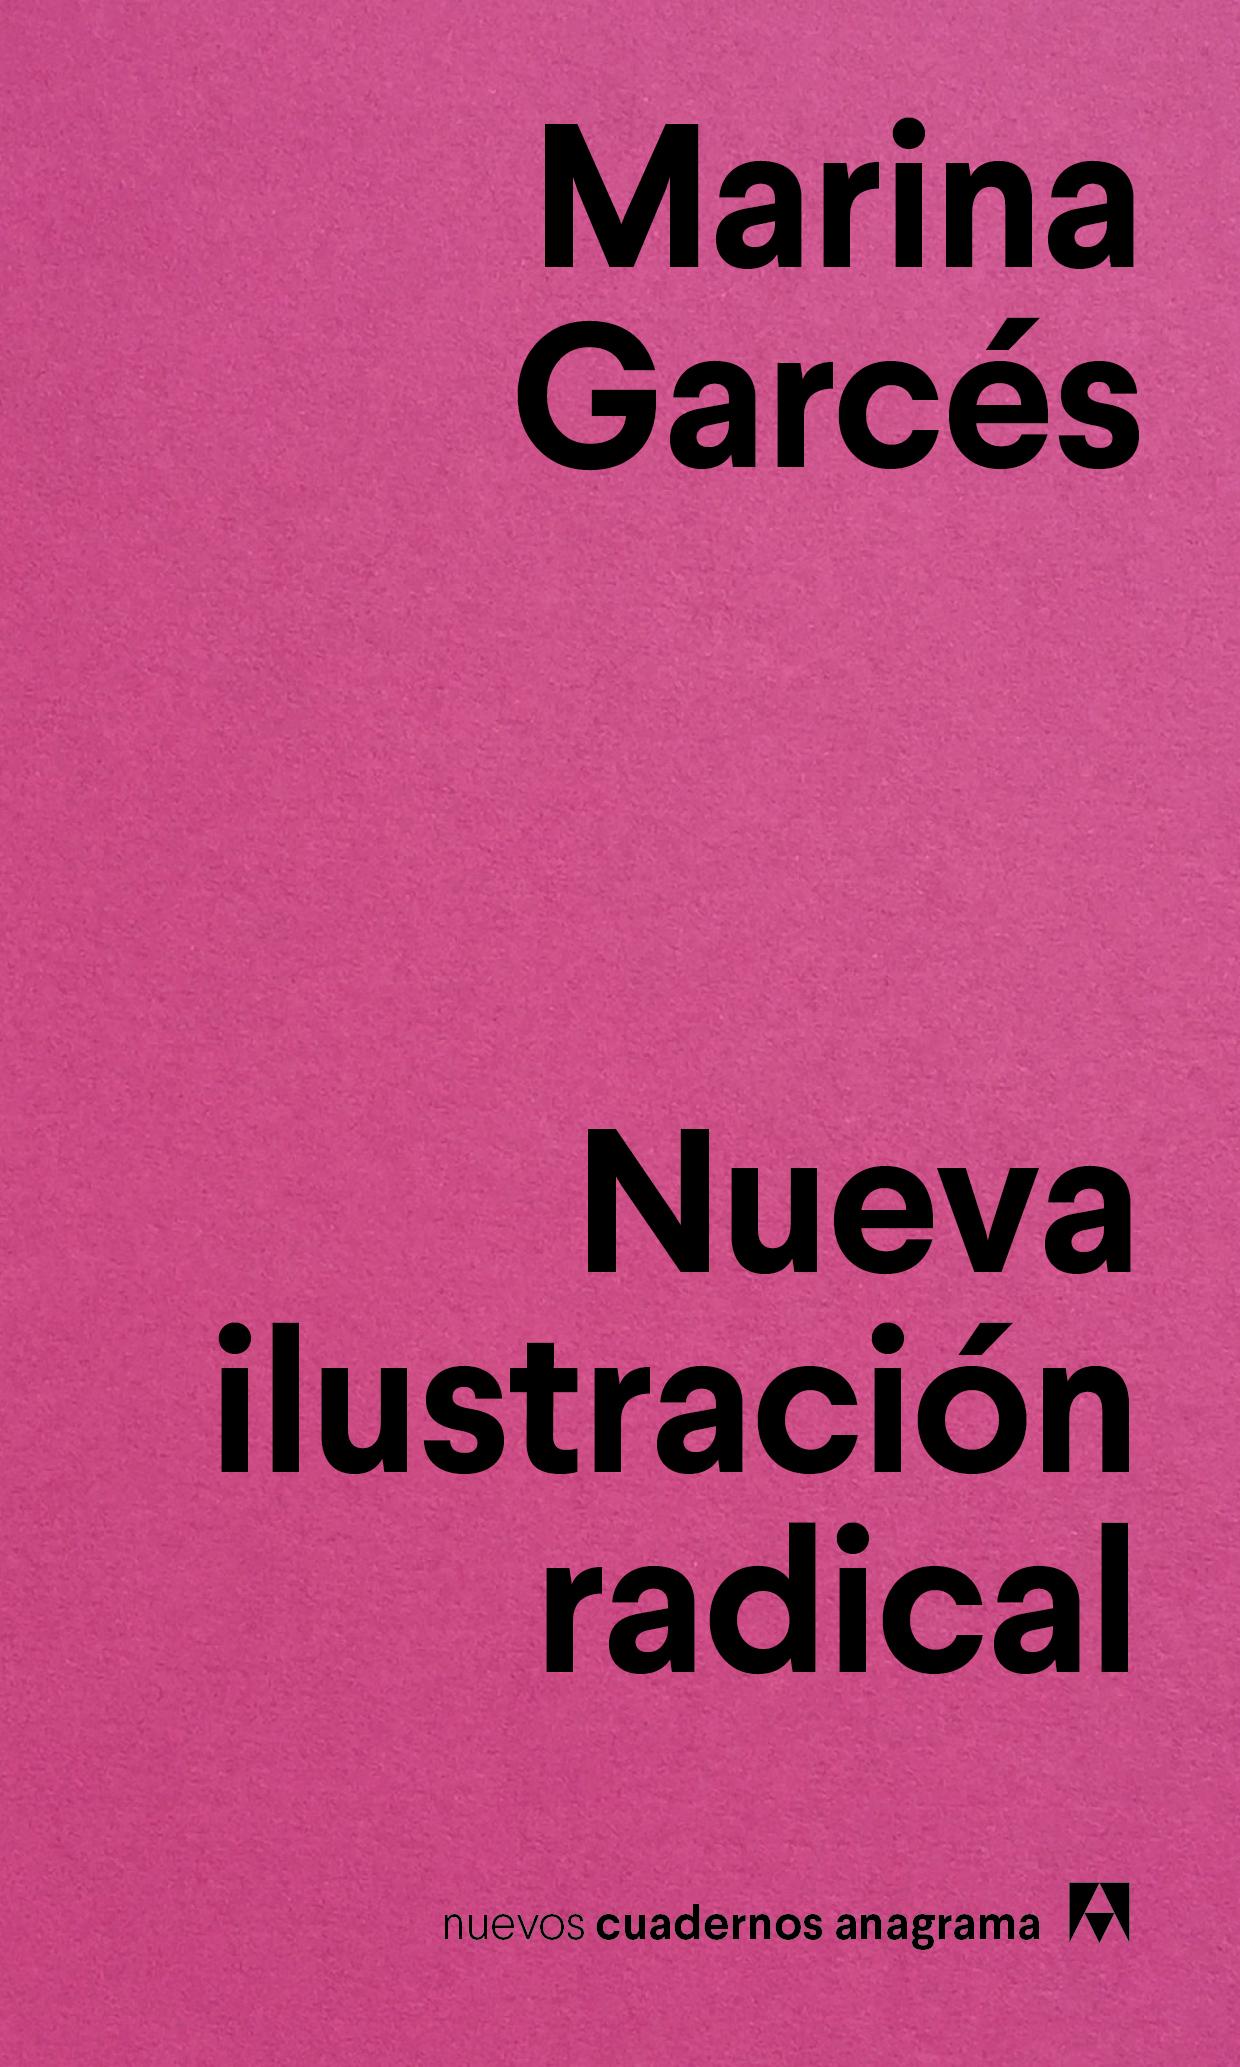 Nova il·lustració radical, de Marina Garcés